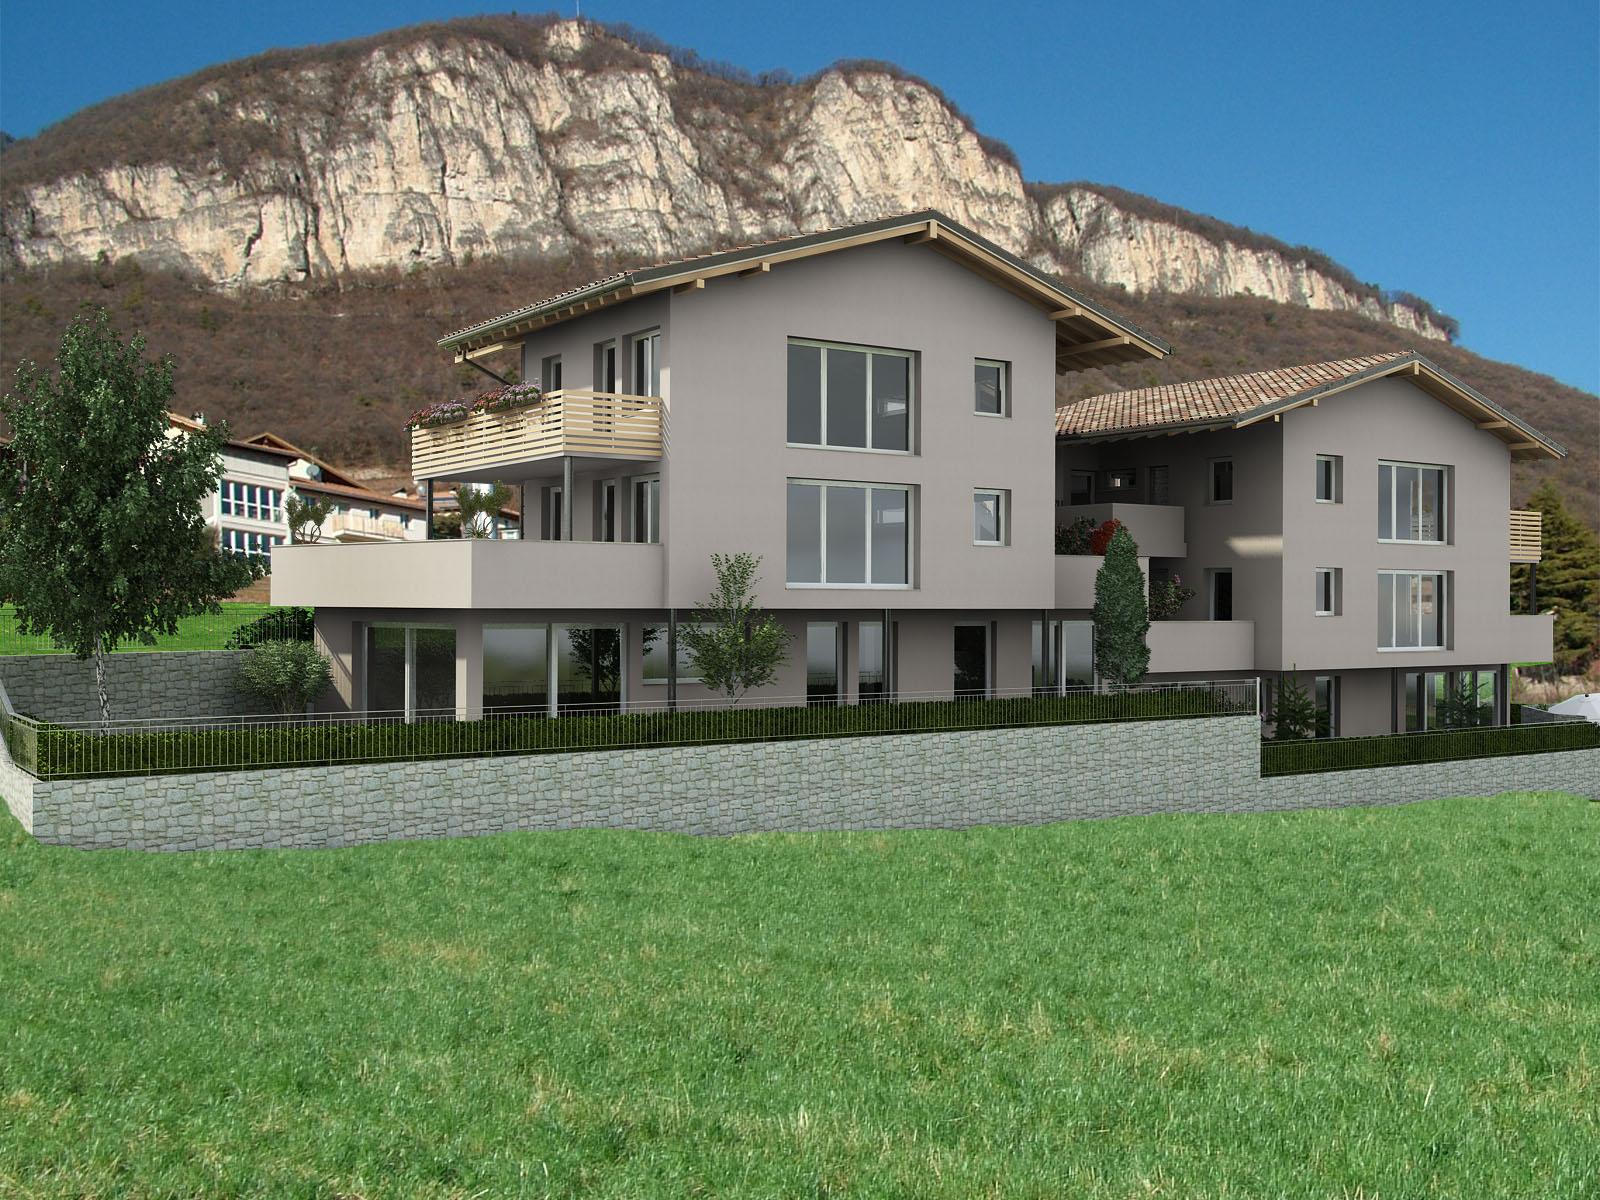 Neues wohnbauprojekt in kurtatsch wohnart immobilien for In immobilien